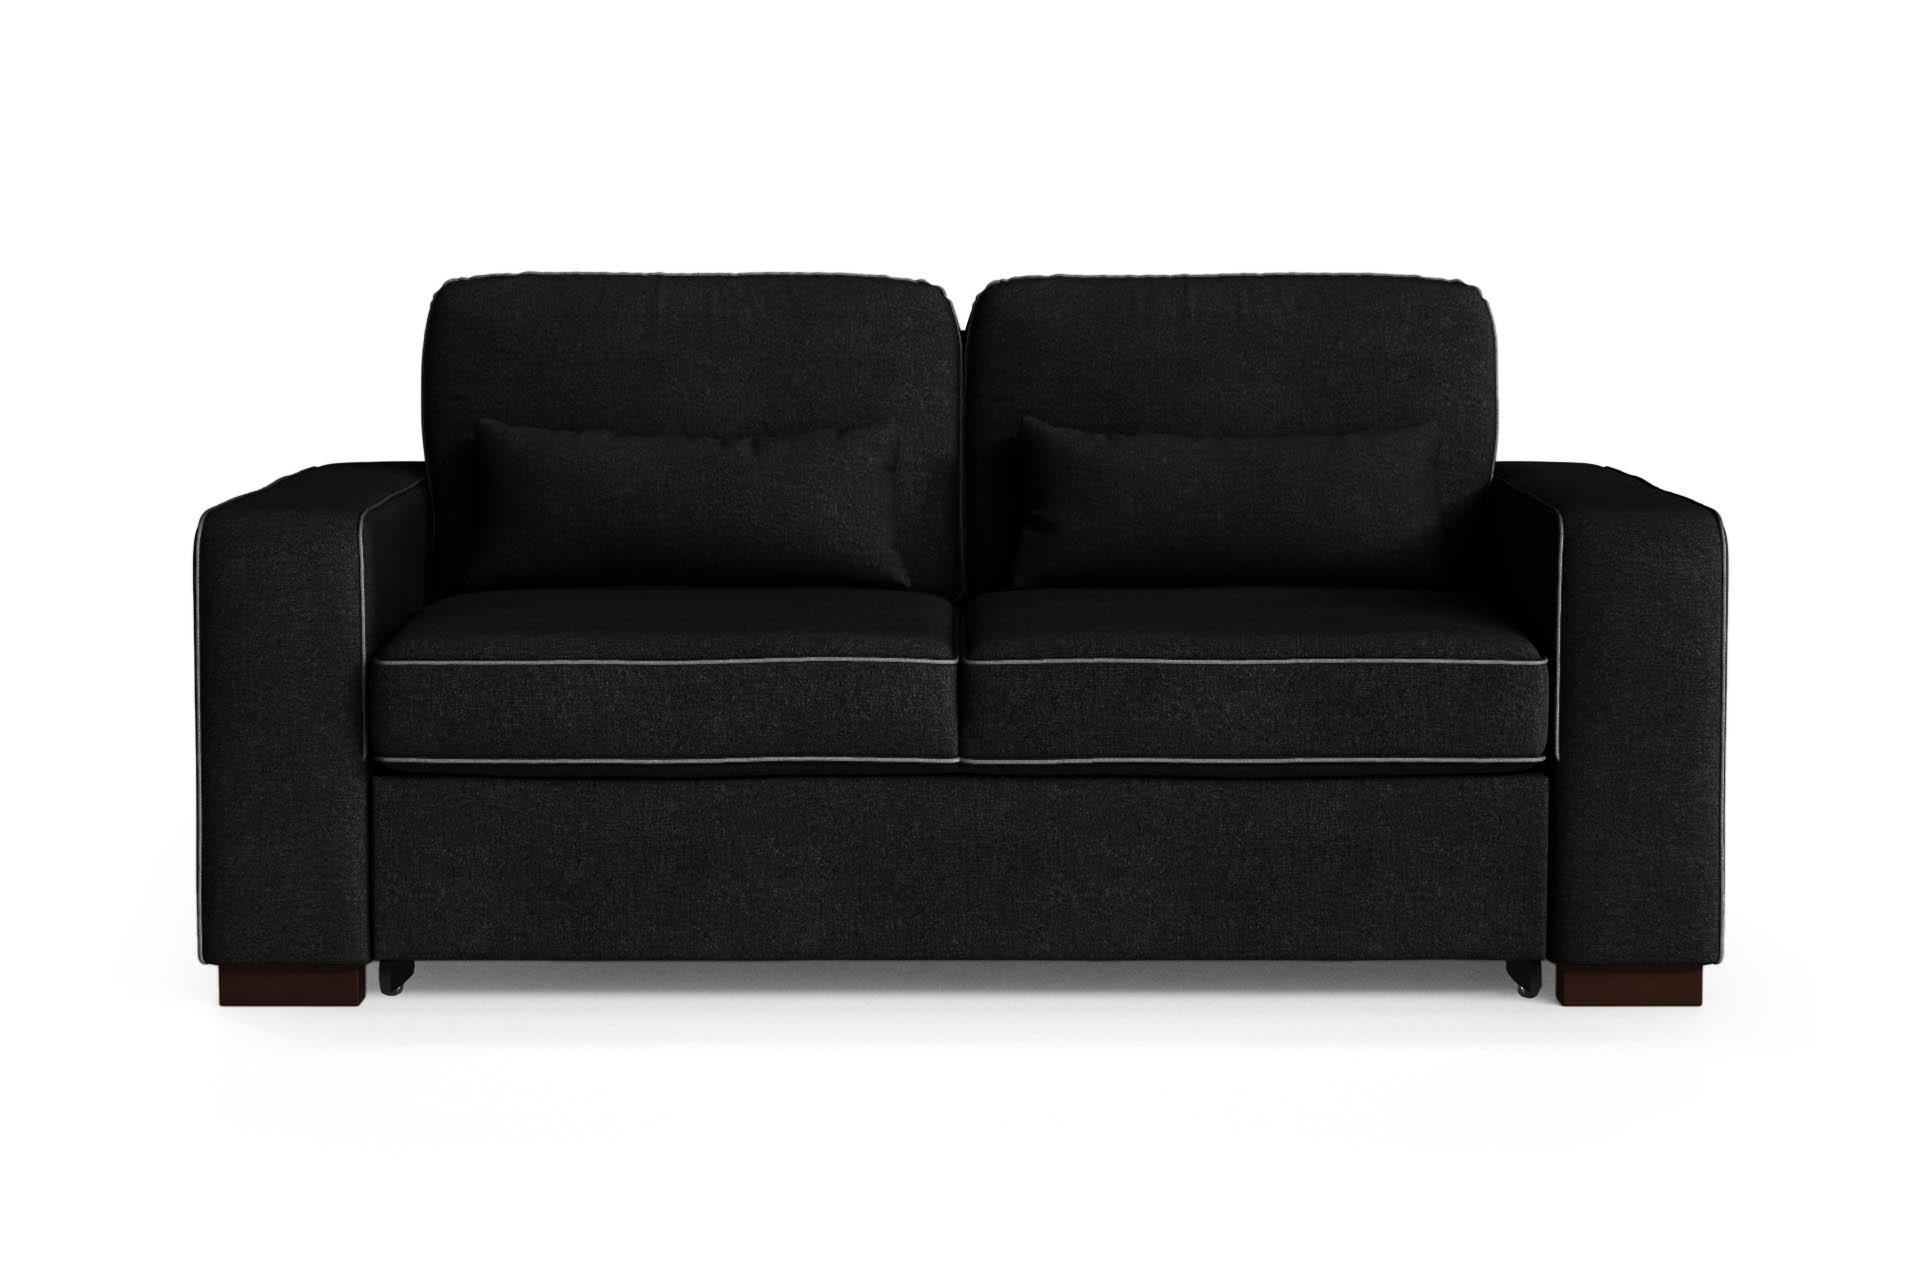 Canapé convertible 2 places toucher coton noir/anthracite